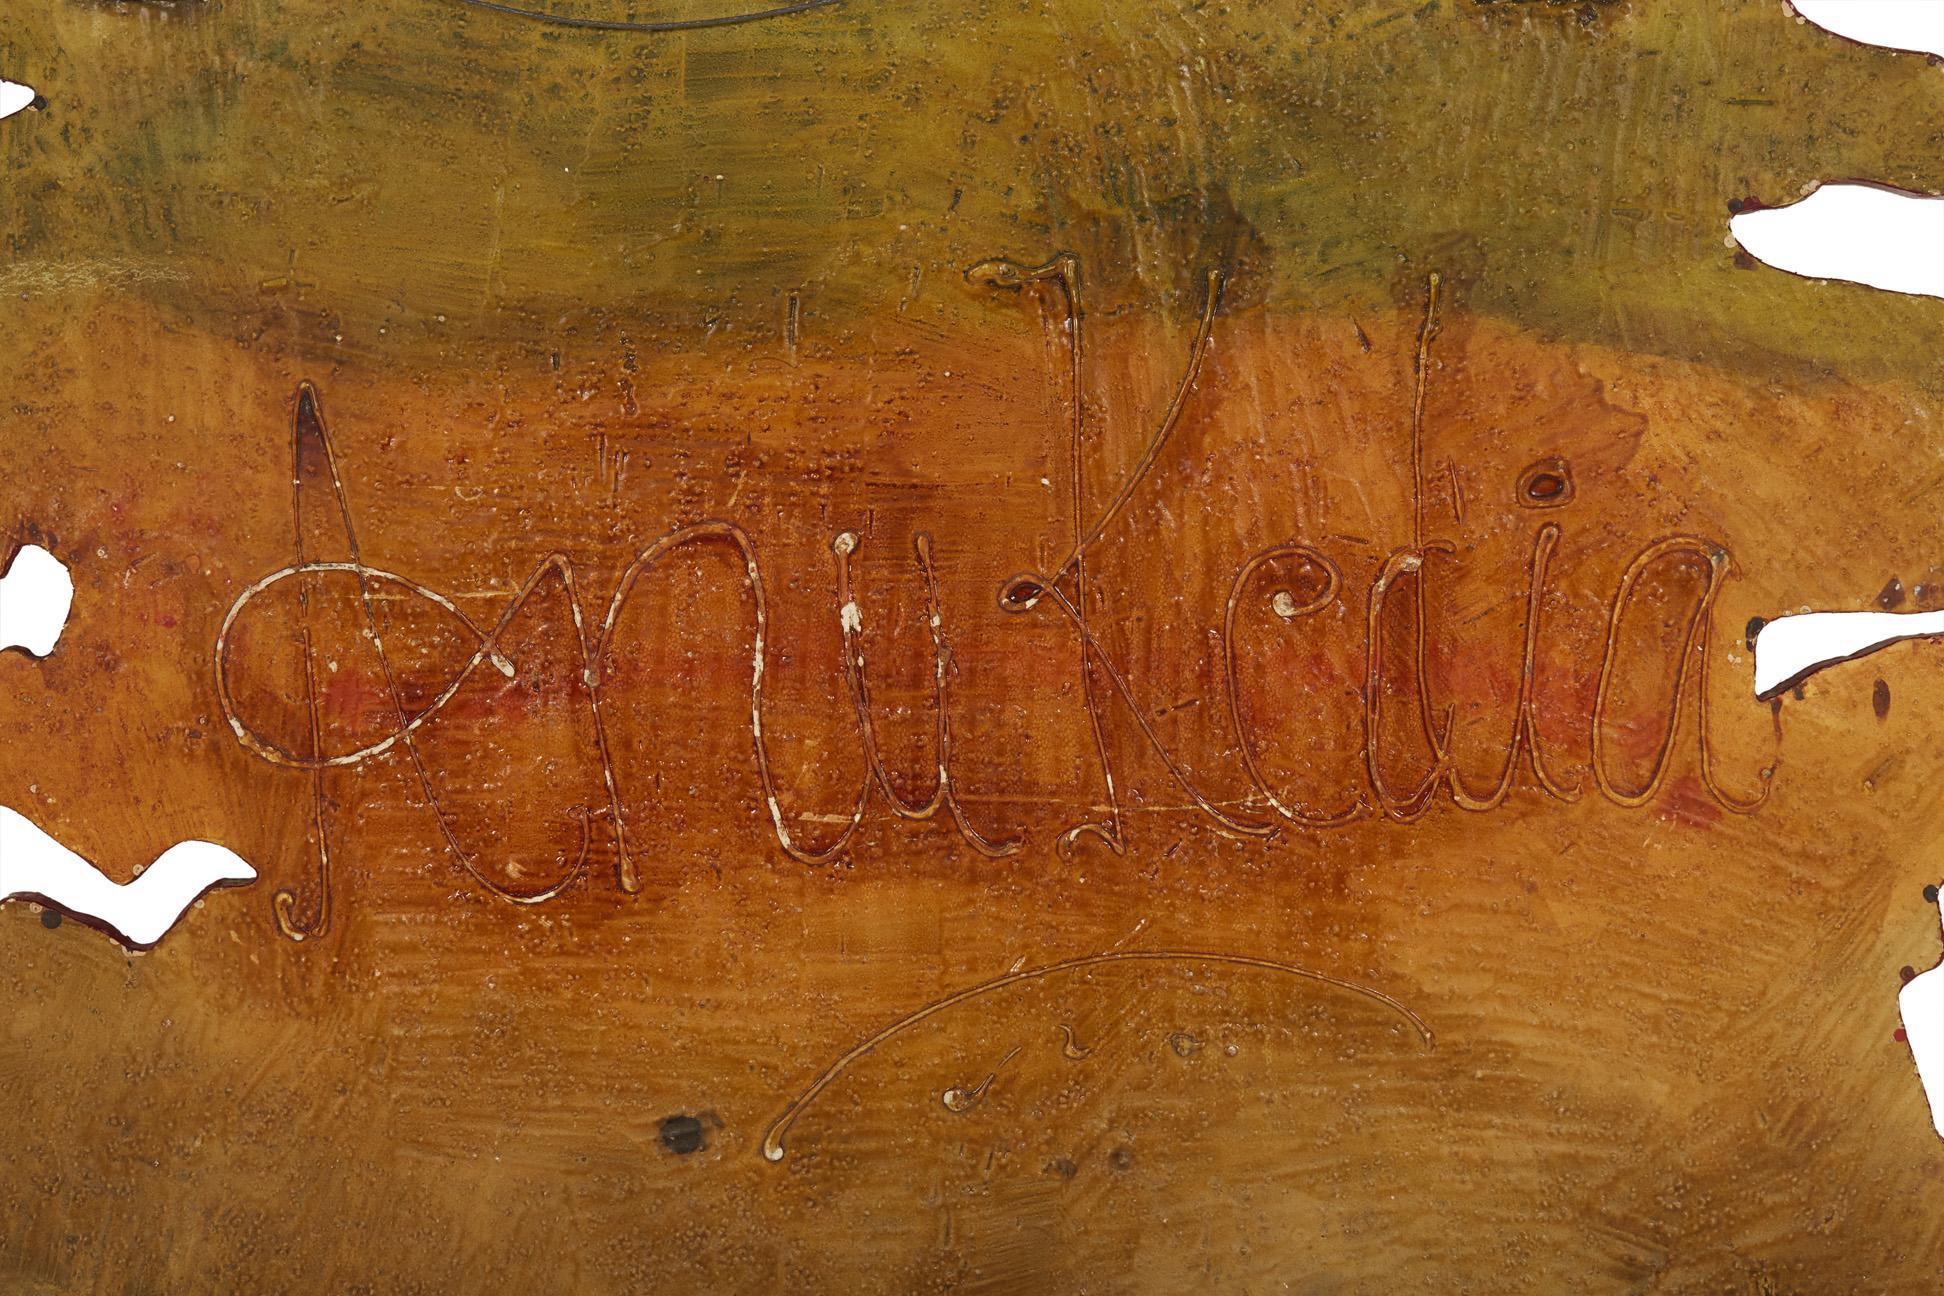 RANU KEDIA (20/21ST CENTURY) - UNTITLED, FIGURES - Image 3 of 3